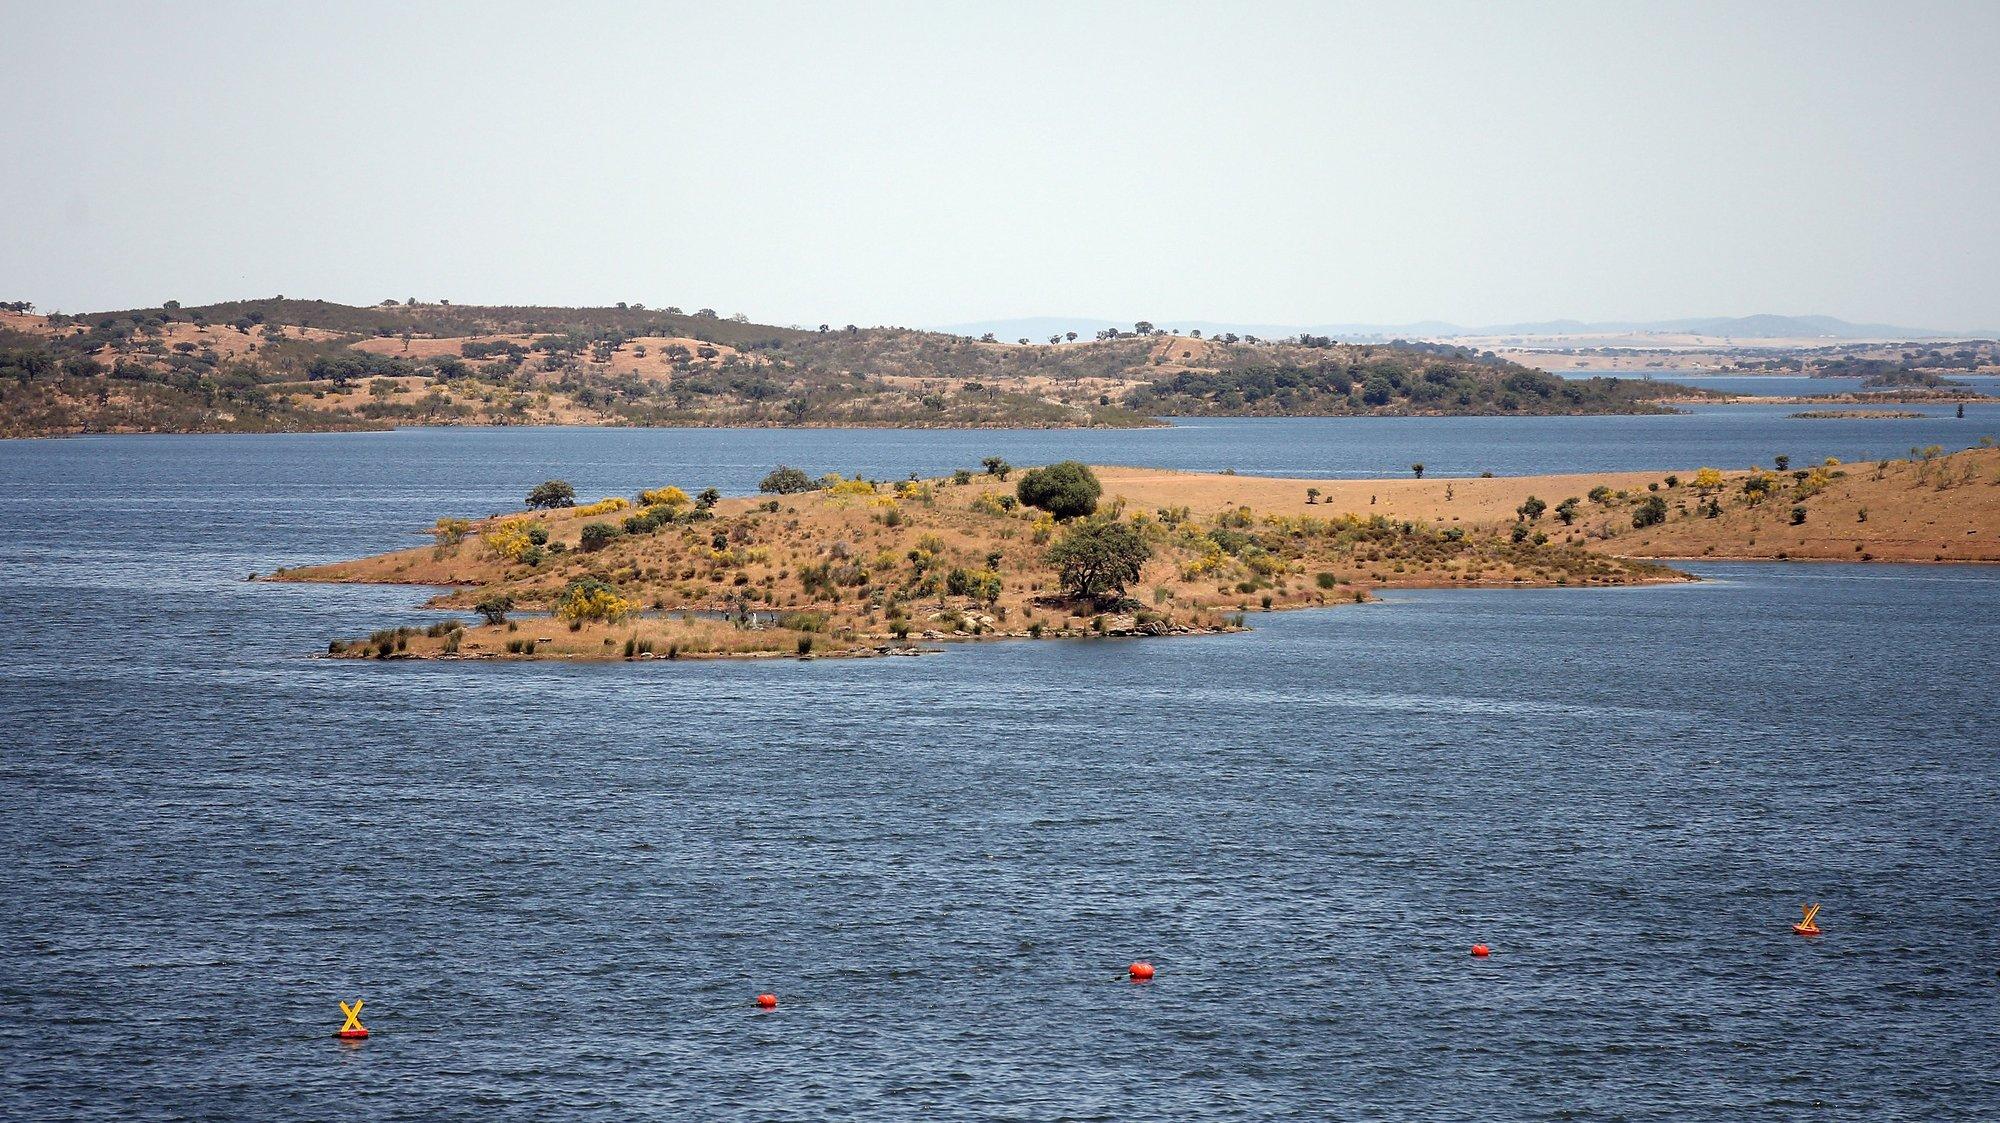 A albufeira da barragem de Alqueva, praticamente no seu limite máximo, hoje à cota de 150 metros (152 metros é a capacidade máxima), com 3701.29 hm3 (hectómetros cúbicos) de água. A albufeira do Alqueva atingiu, pela primeira vez, a capacidade máxima em 12 de janeiro de 2010, quase oito anos após ter começado a encher (a 08 de fevereiro de 2002), quando se fecharam as comportas da barragem. Portel, 21 de maio de 2021. NUNO VEIGA/LUSA